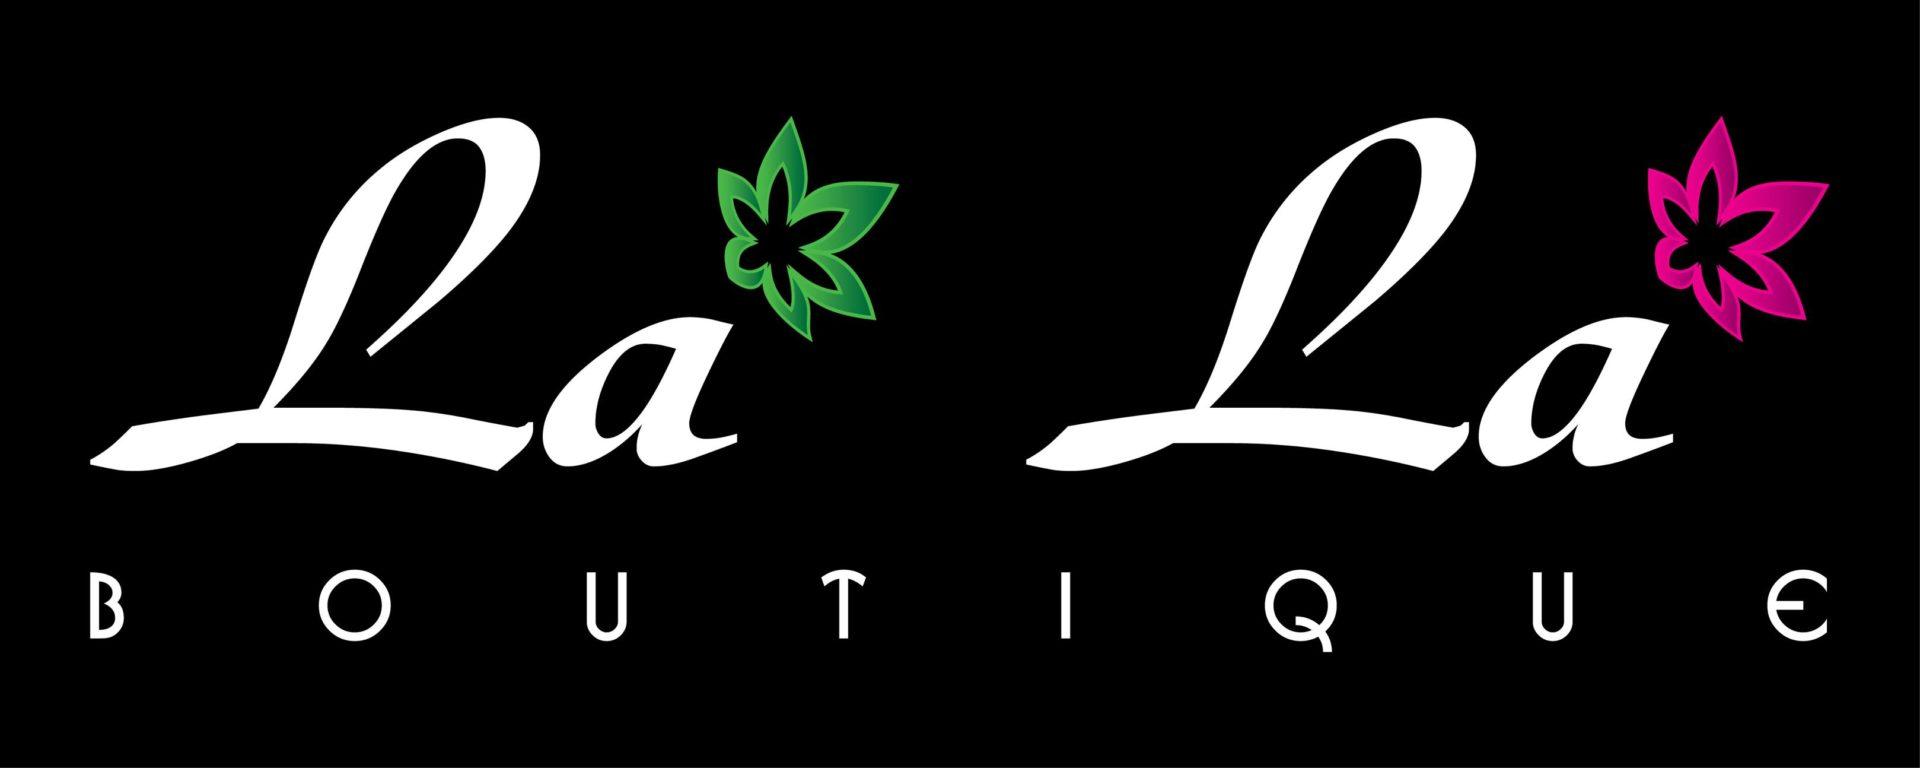 Boutique La La